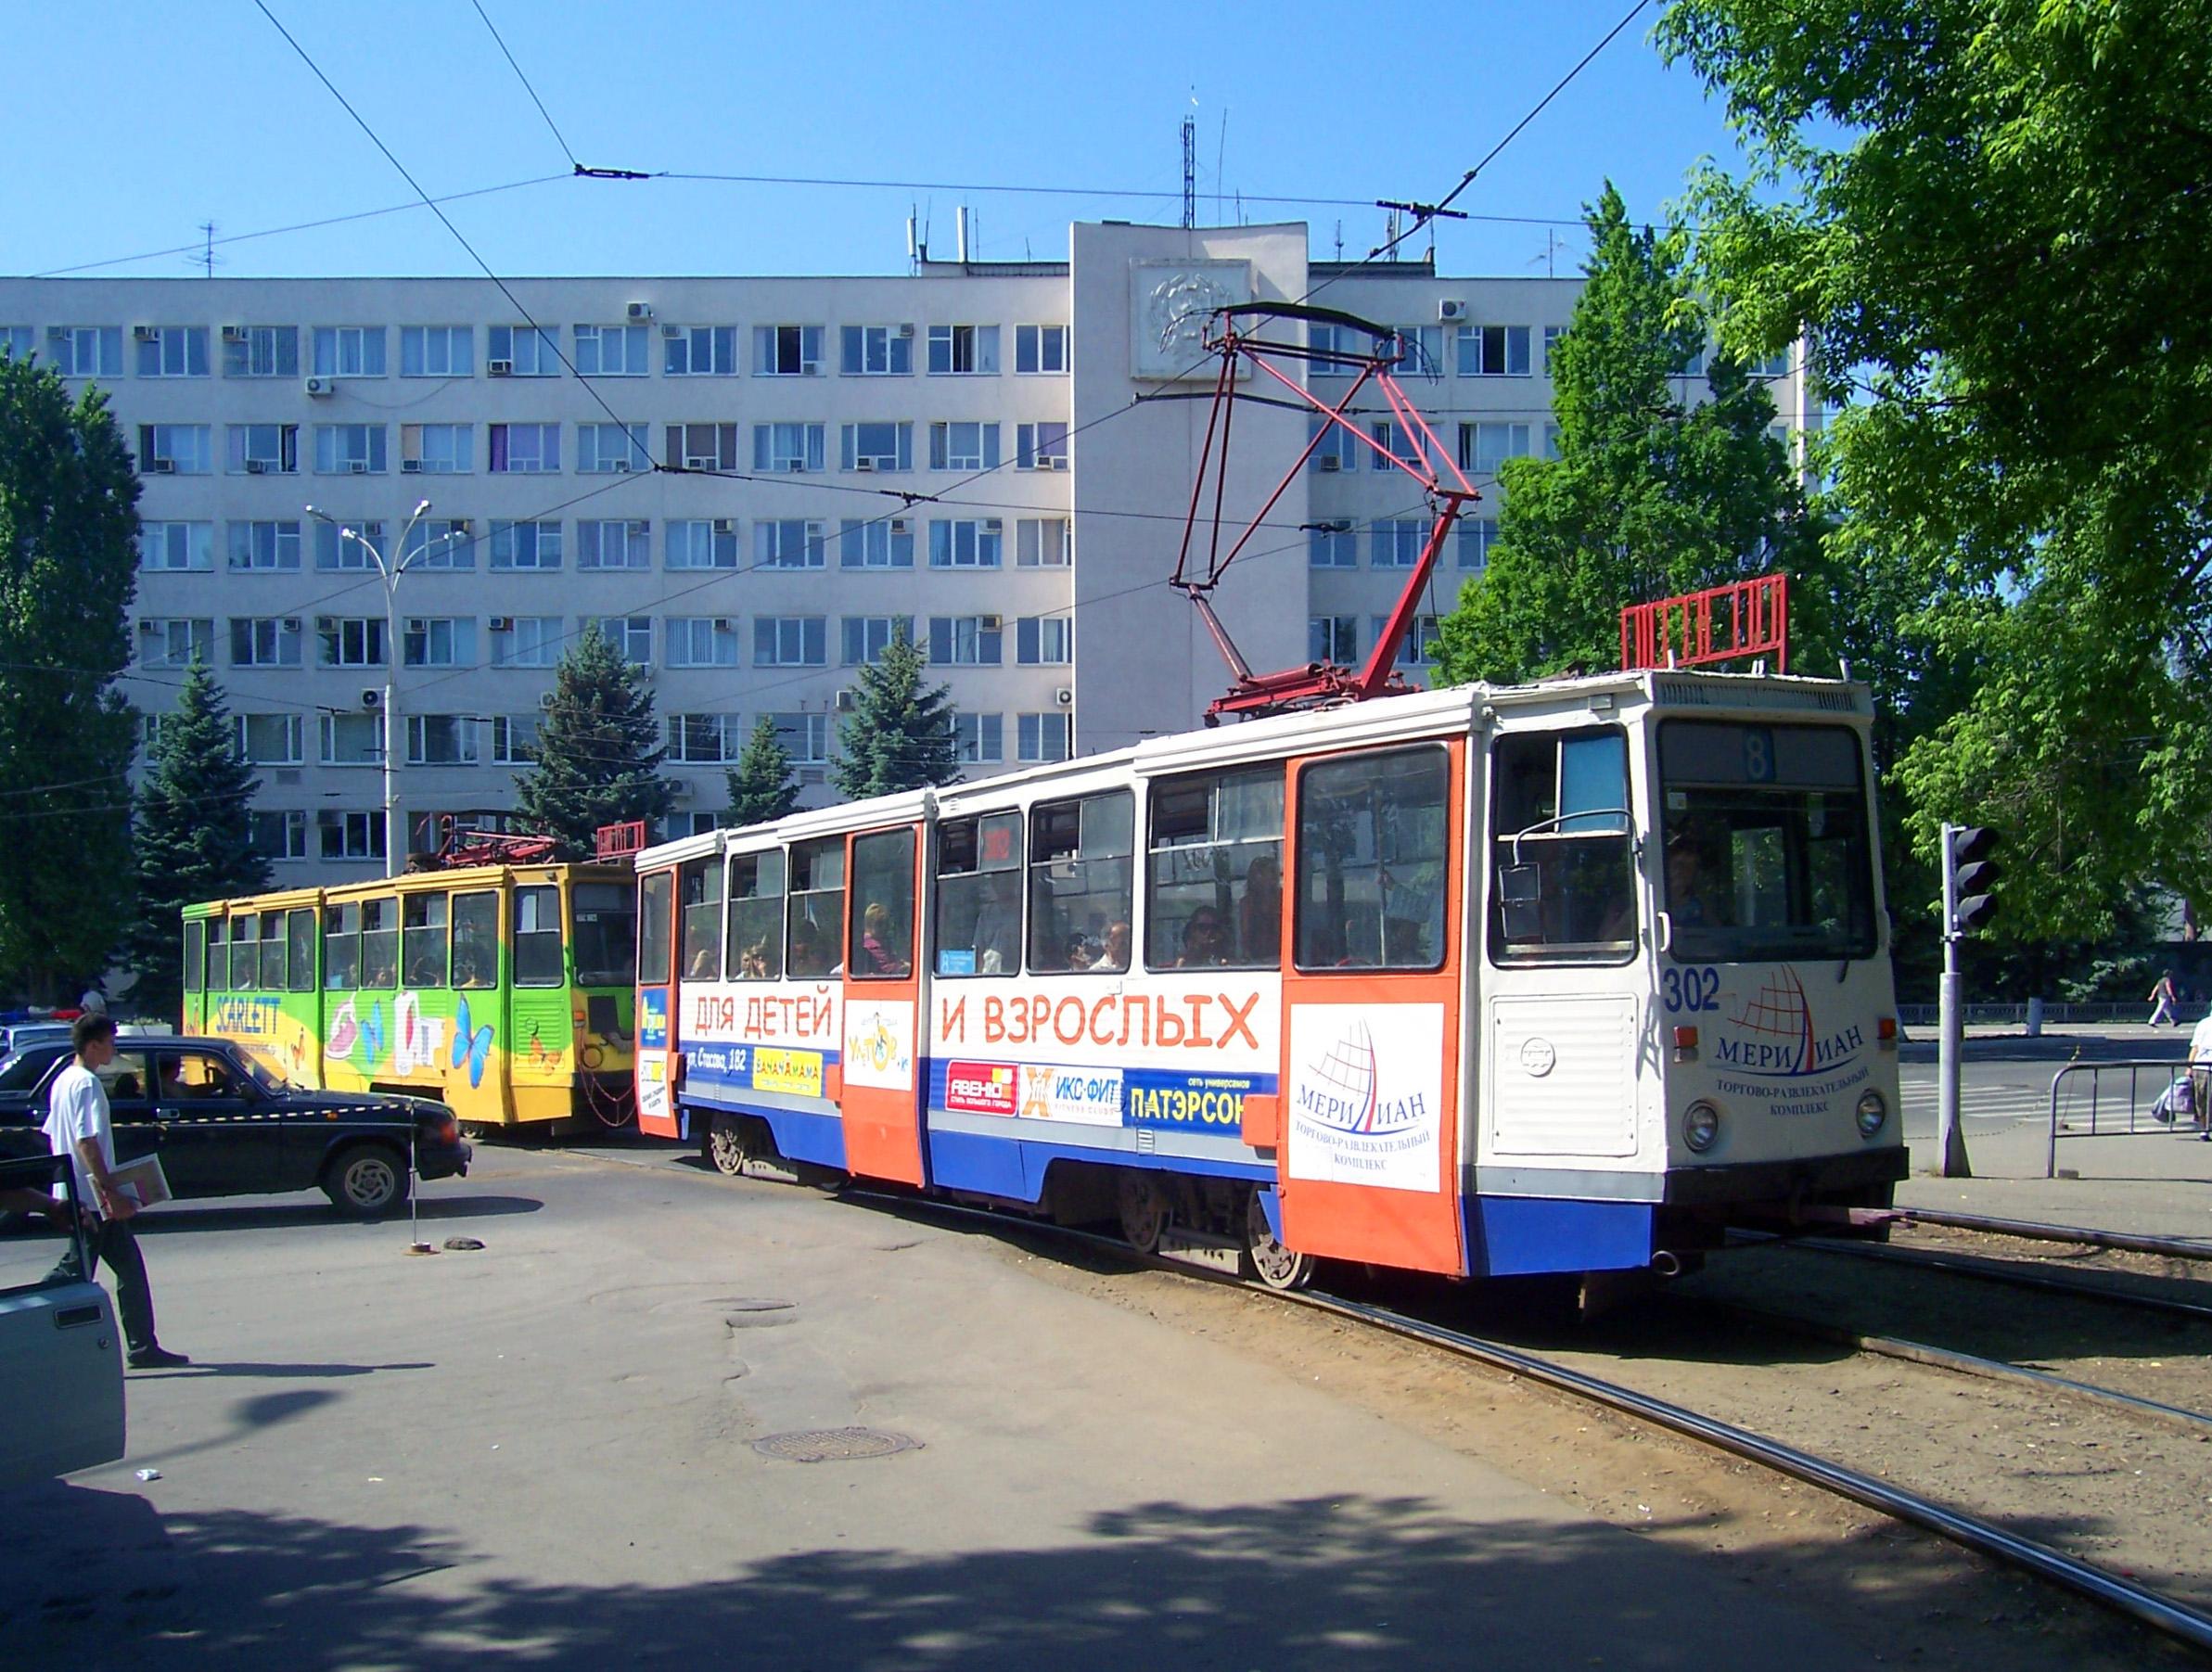 Descripción tram in krasnodar 101 1803